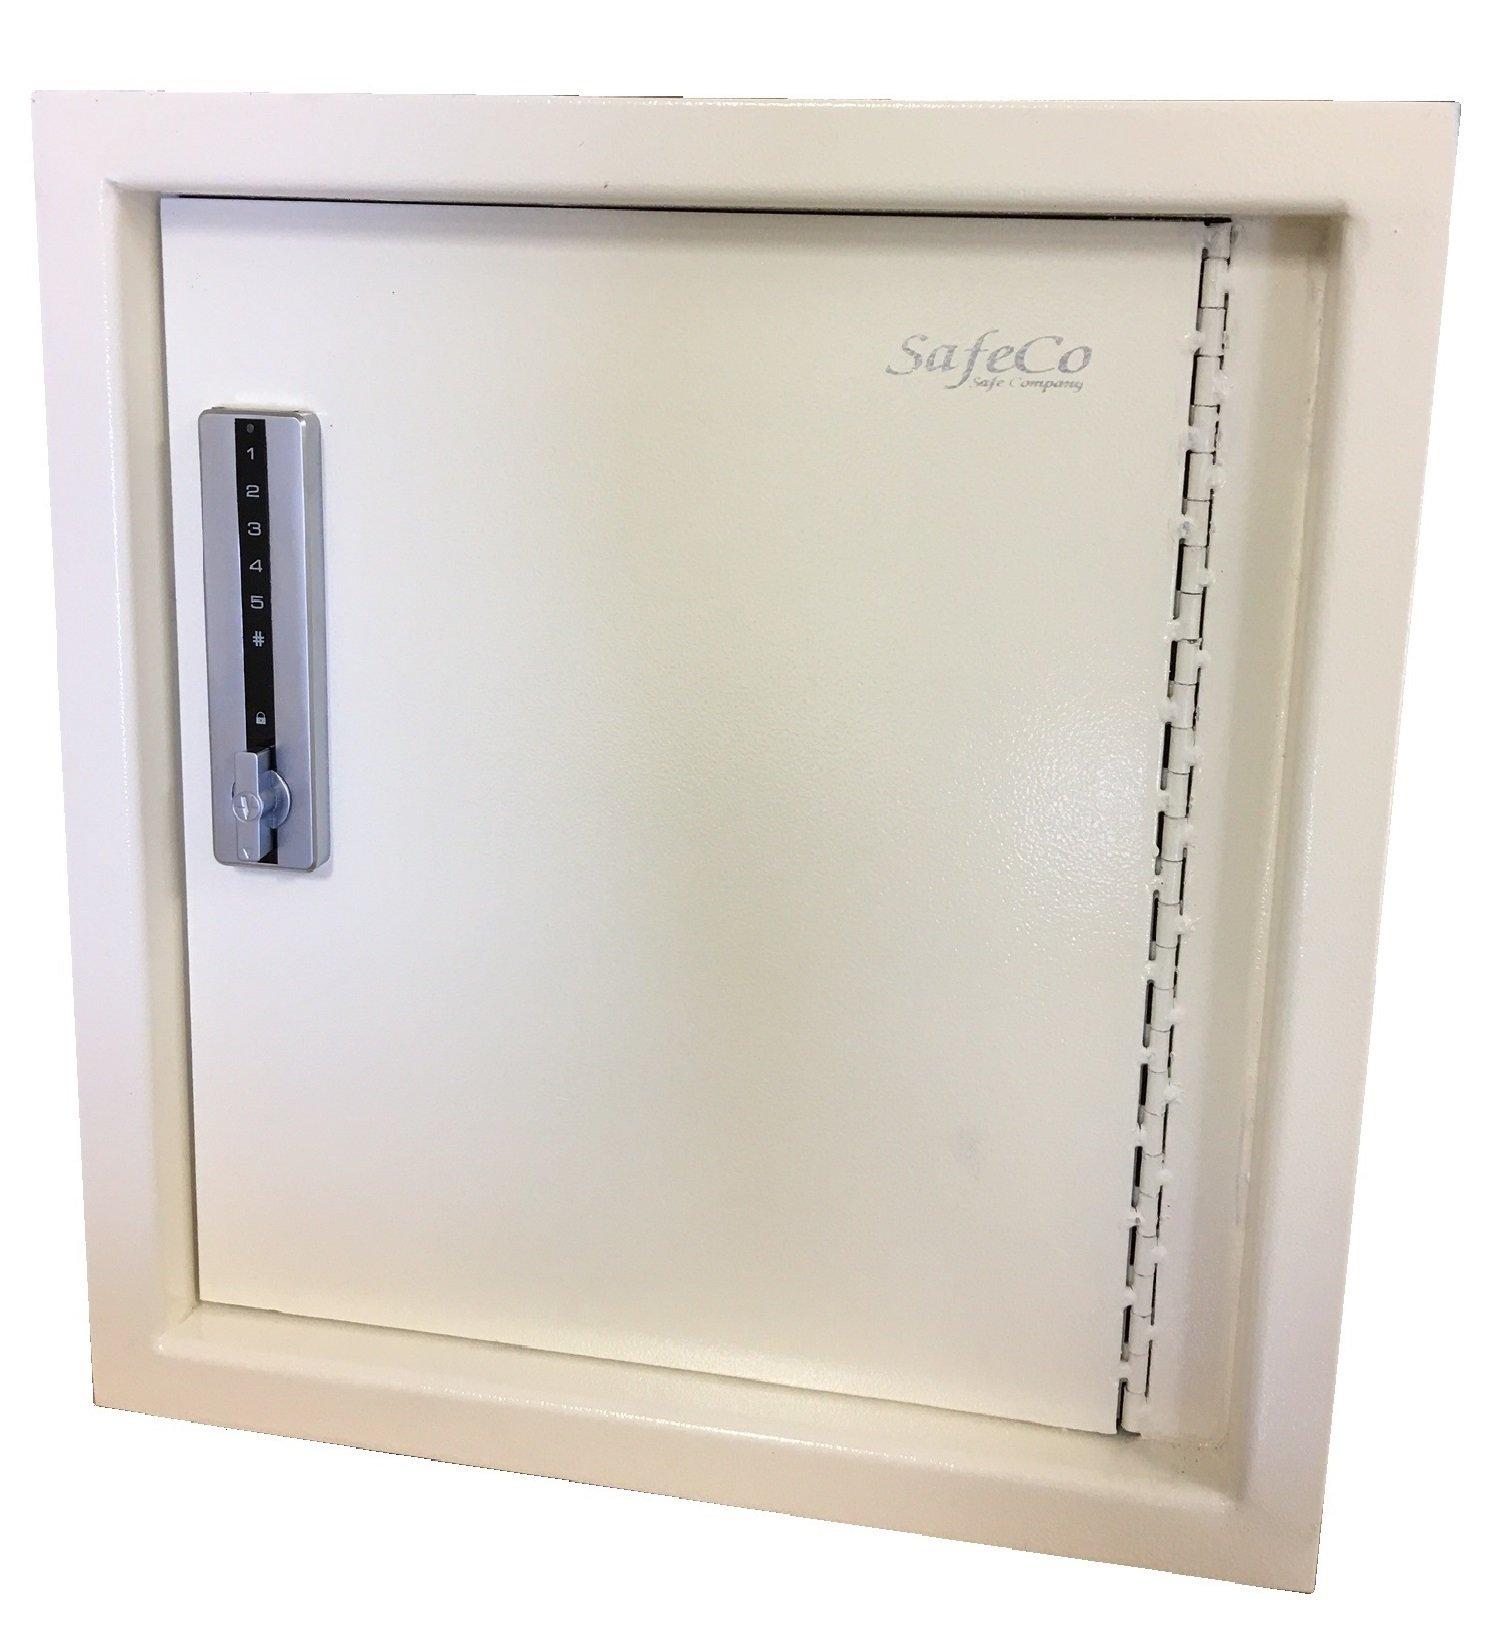 SafeCo WS1616E Hidden Wall Safe